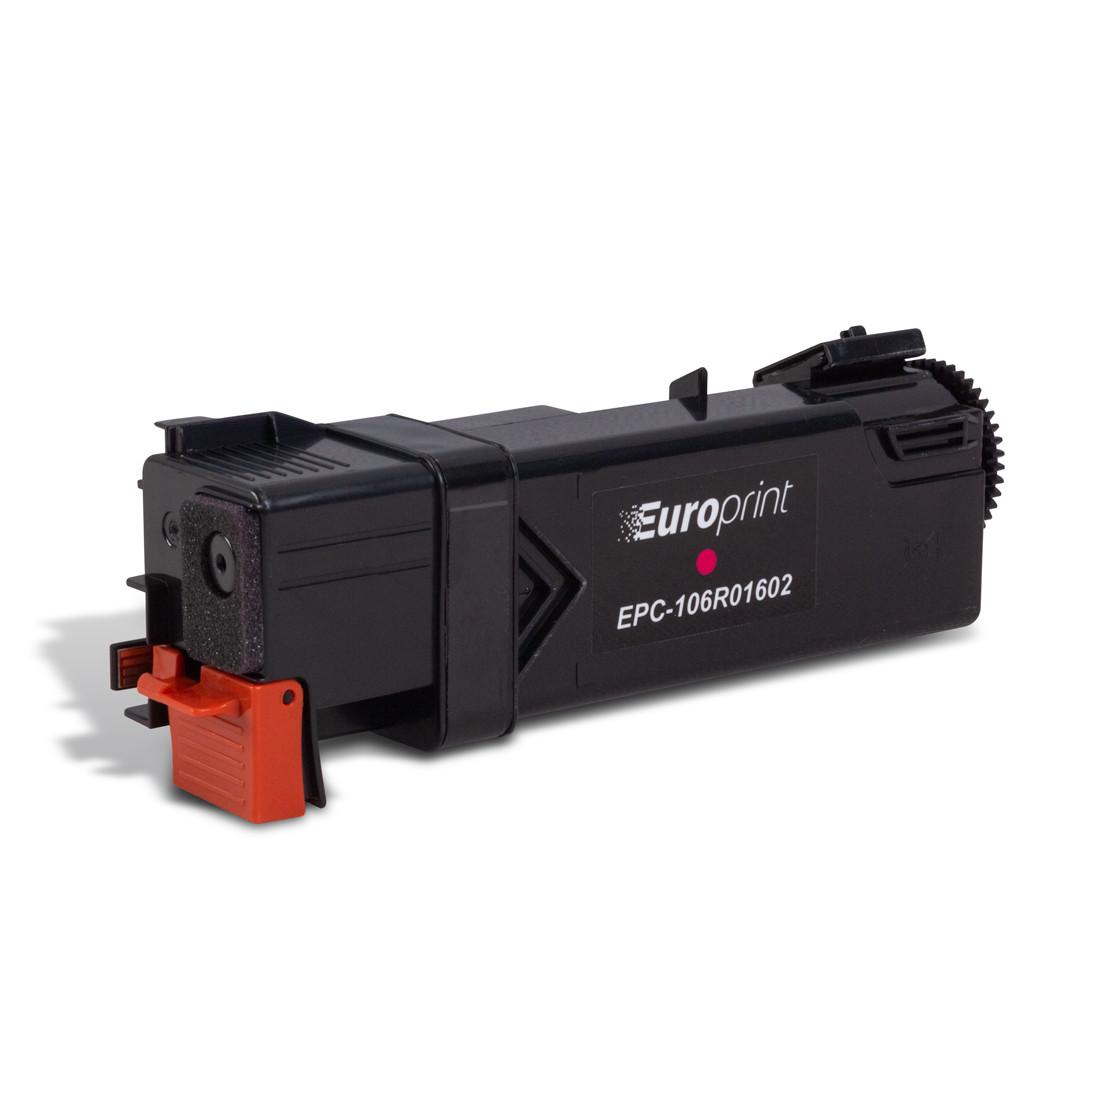 Тонер-картридж Europrint EPC-106R01602